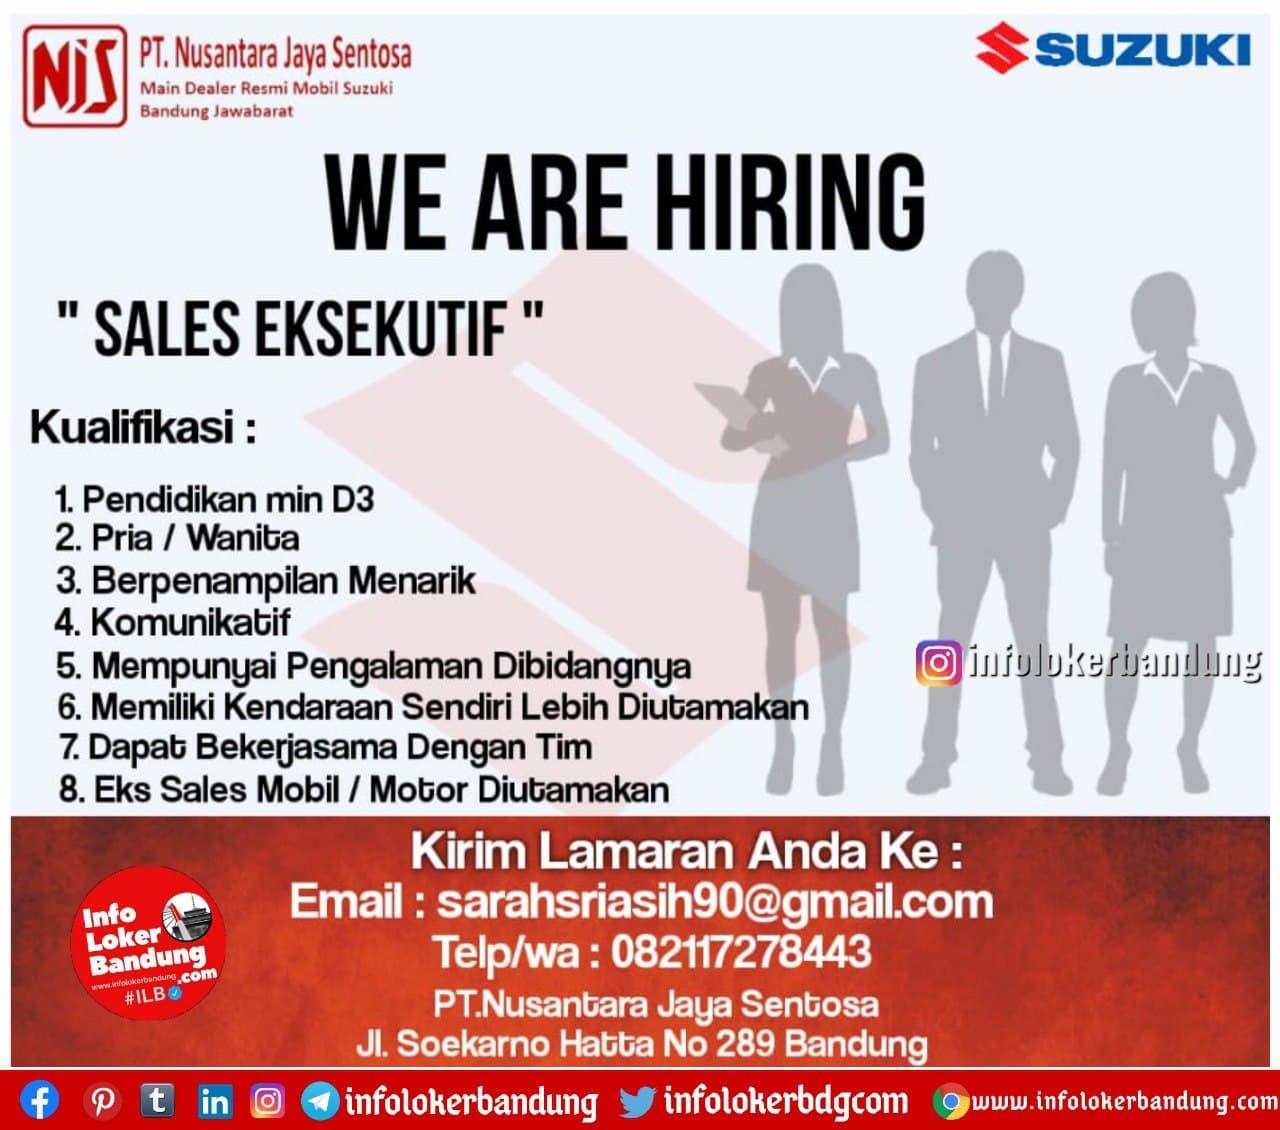 Lowongan Kerja PT. Nusantara Jaya Sentosa ( NJS) Bandung Januari 2021